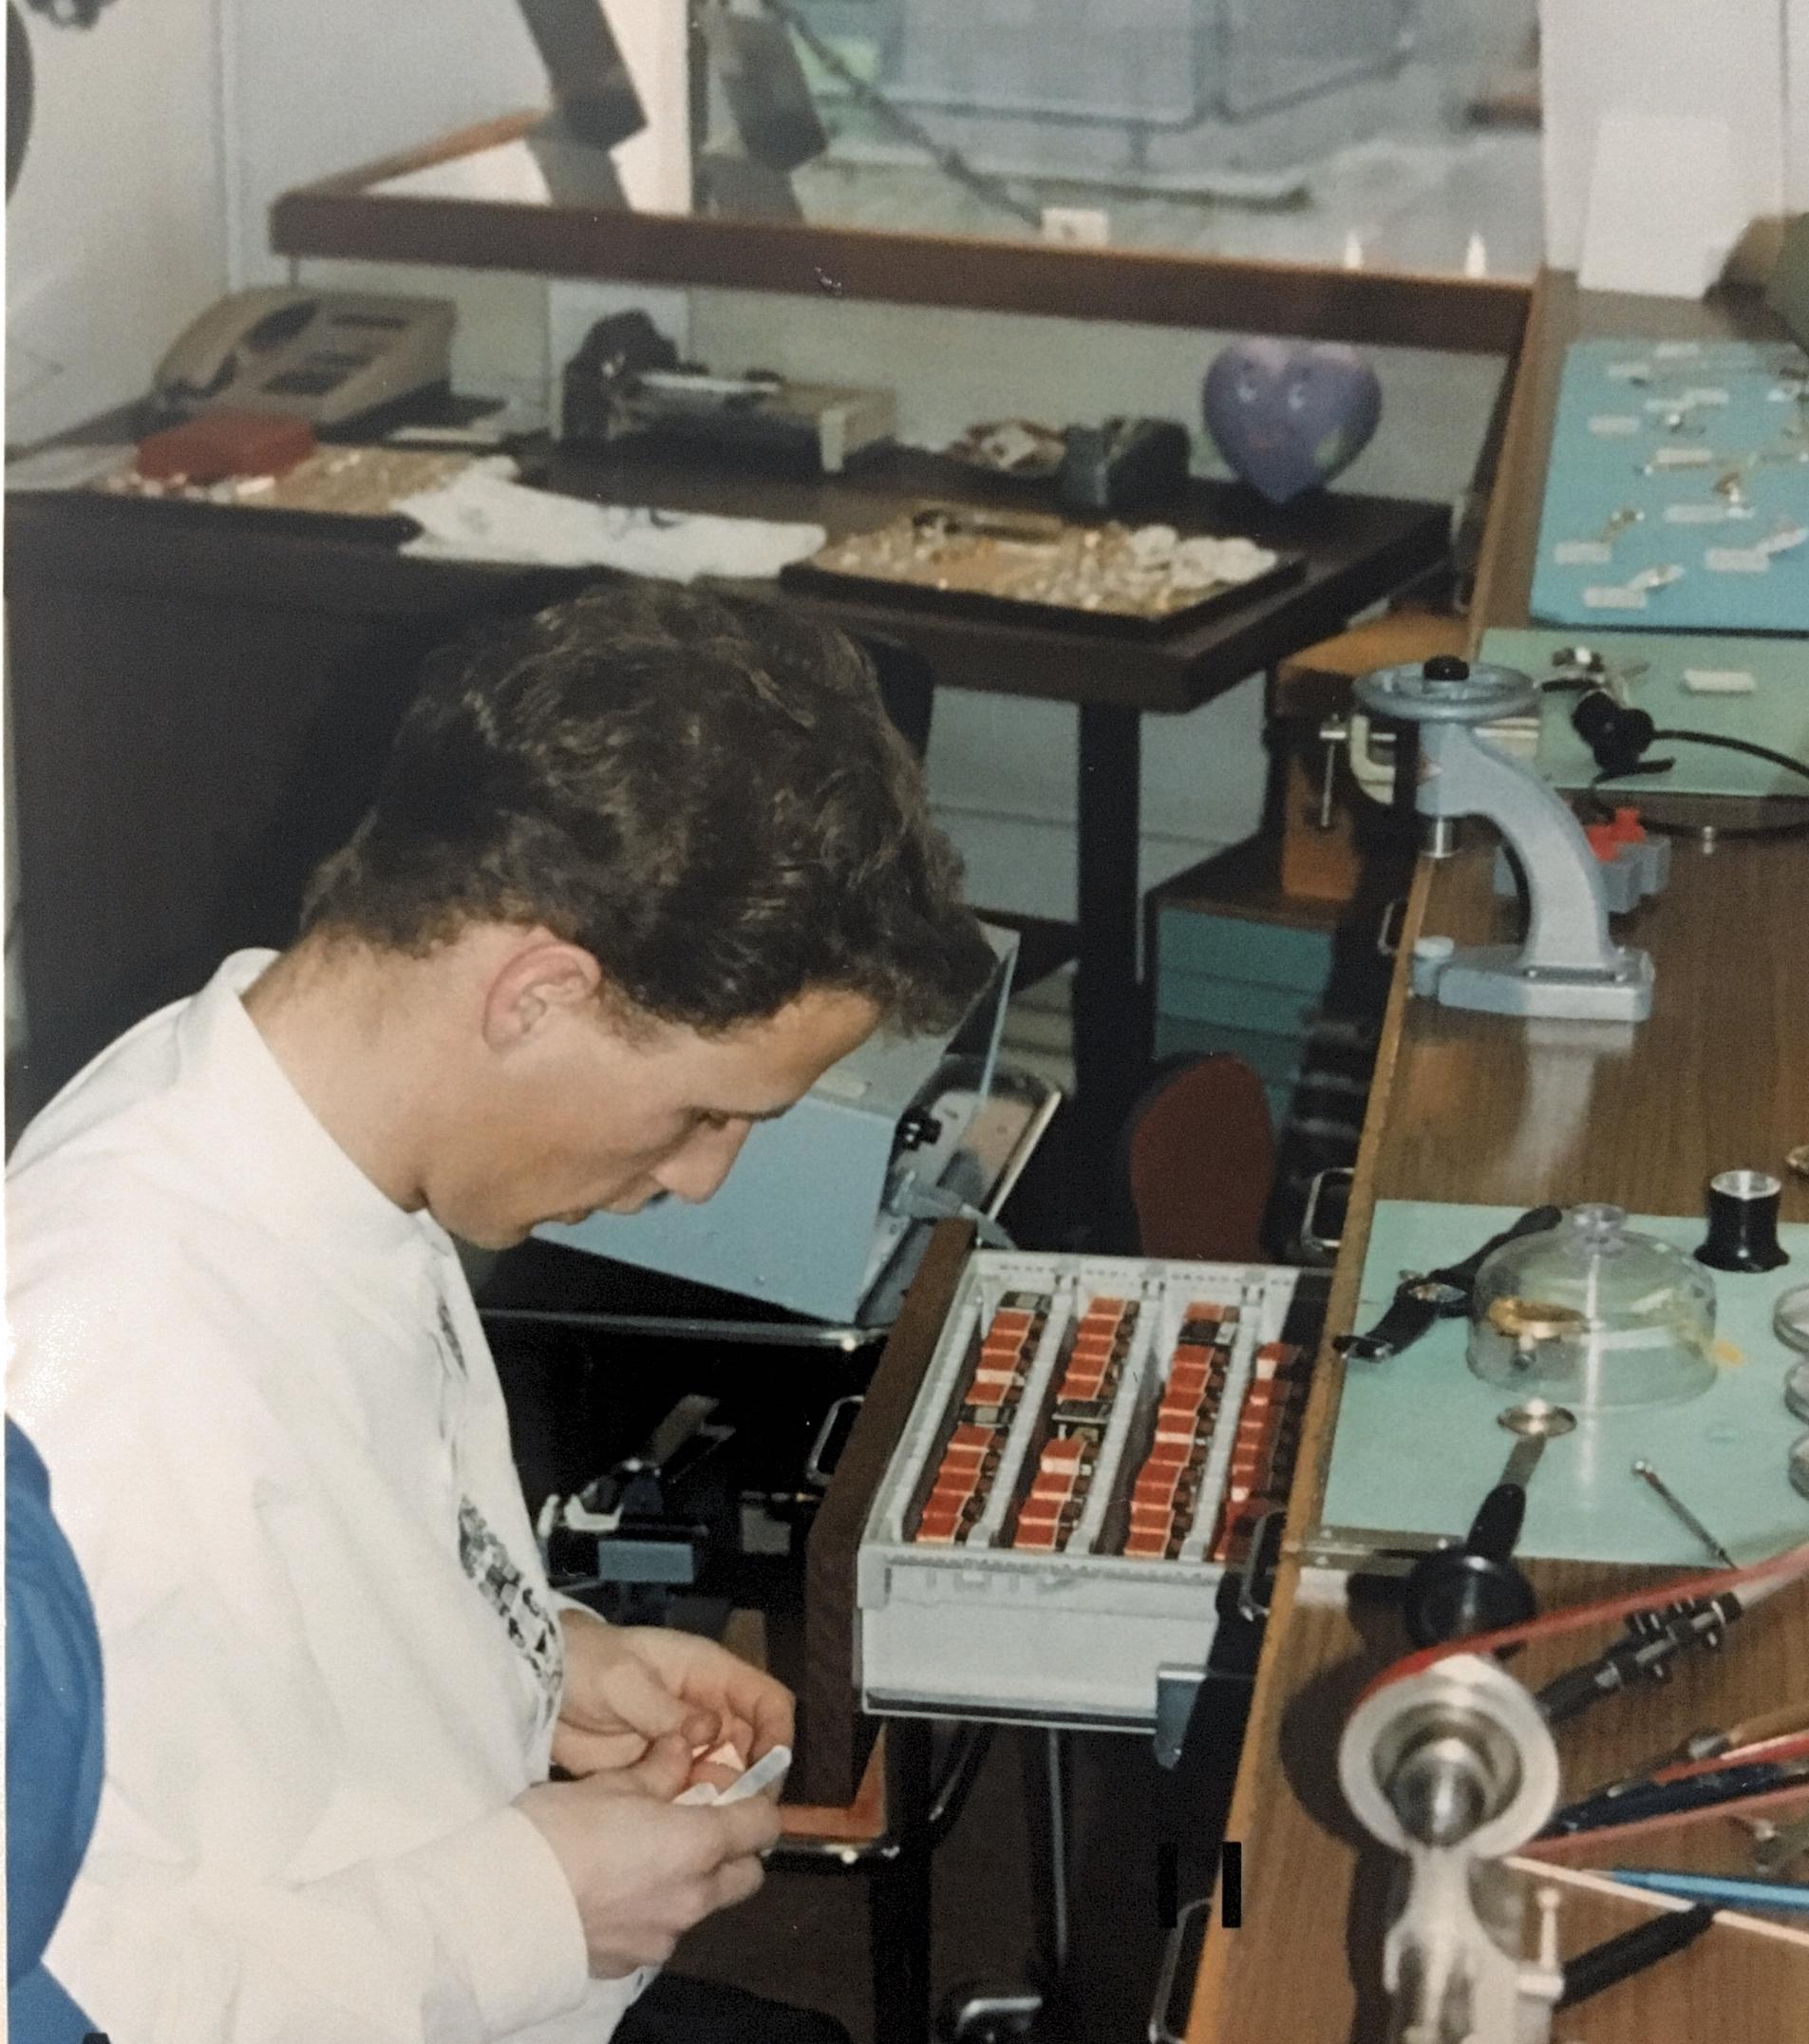 1989 - Eintritt von Michel Bourquin, der in dritter Generation das Geschäft an der Langstrasse zusammen mit seinen Eltern führt.